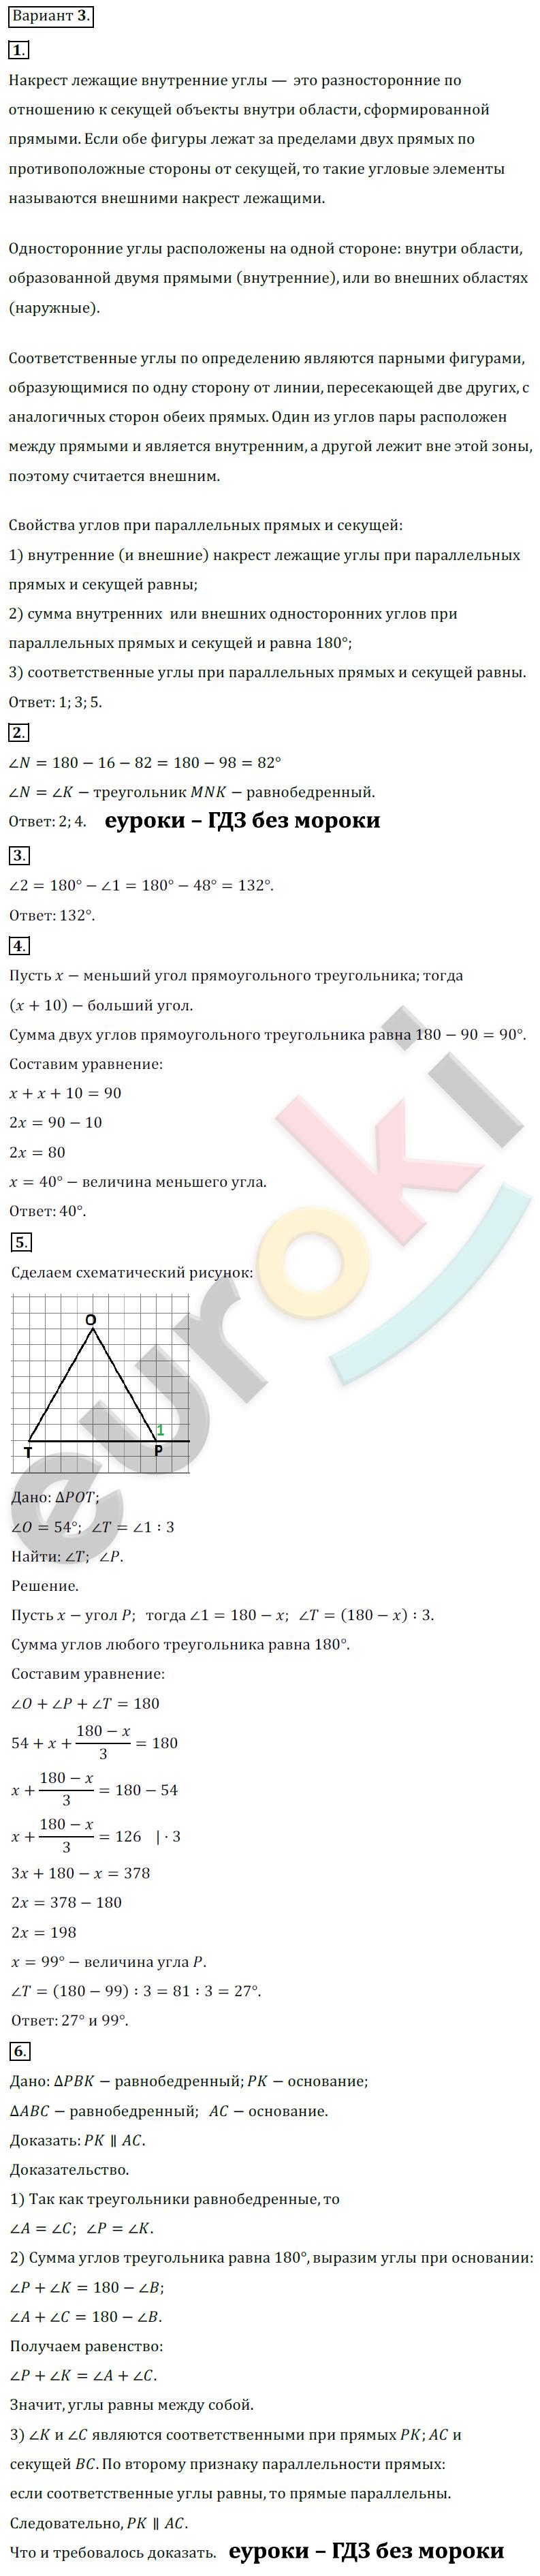 ГДЗ по геометрии 7 класс контрольные работы Мельникова, Погорелов Экзамен ответы и решения онлайн КР-4. Сумма углов треугольника. Параллельные прямые. Задание: Вариант 3